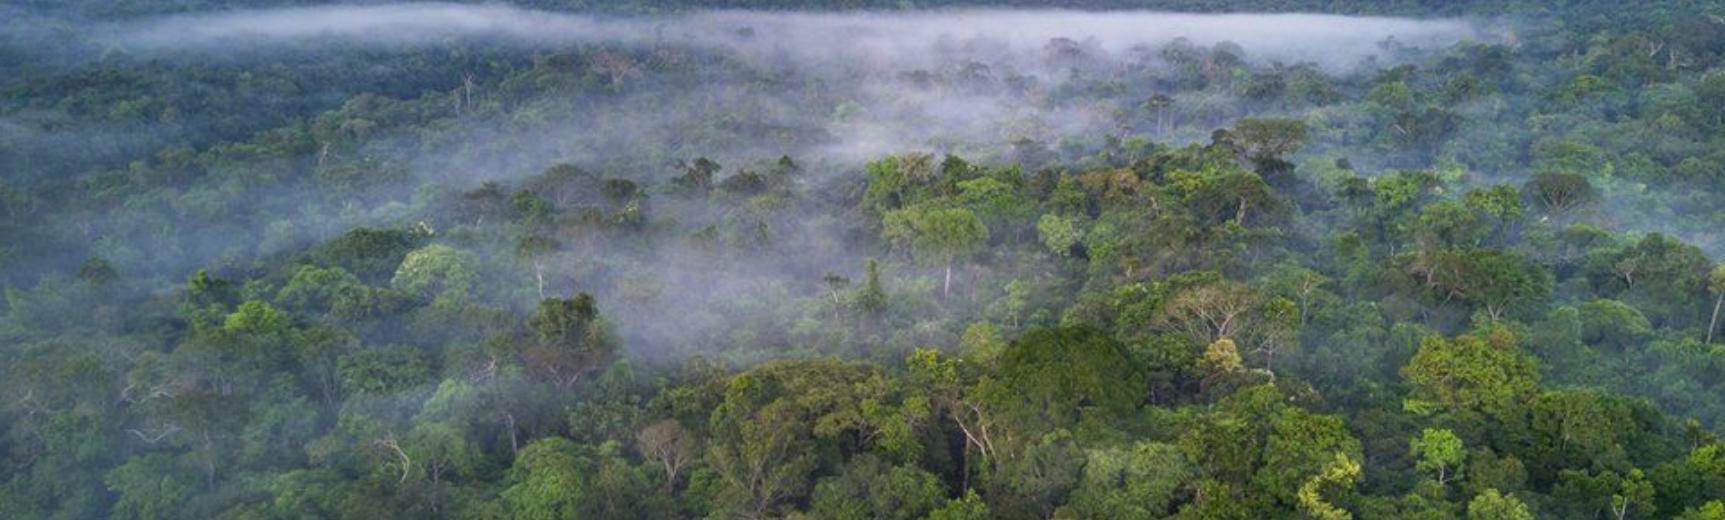 Deforestation of Amazaon rainforest